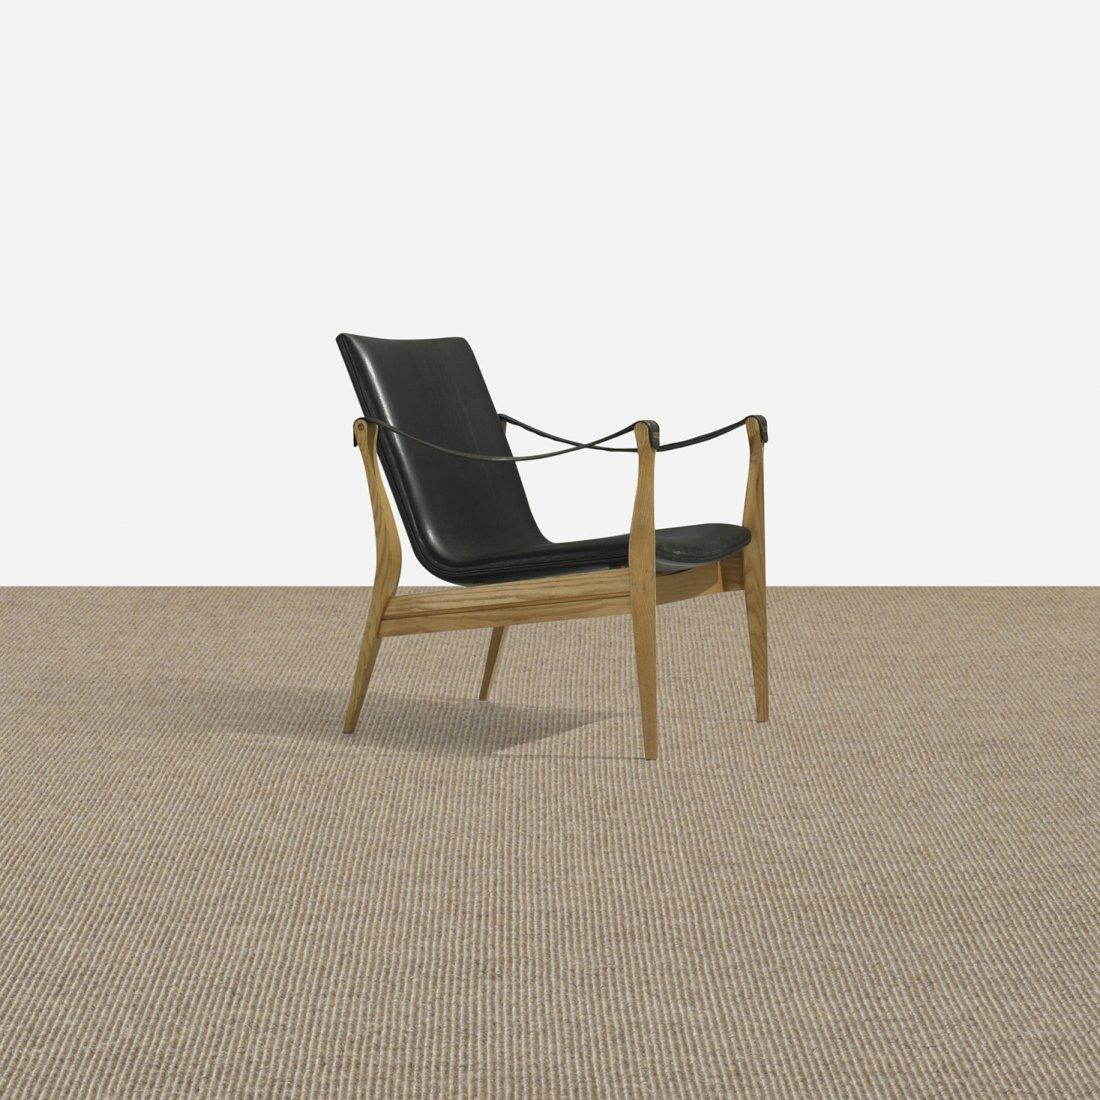 283: Karen and Ebbe Clemmensen lounge chair, model 4305